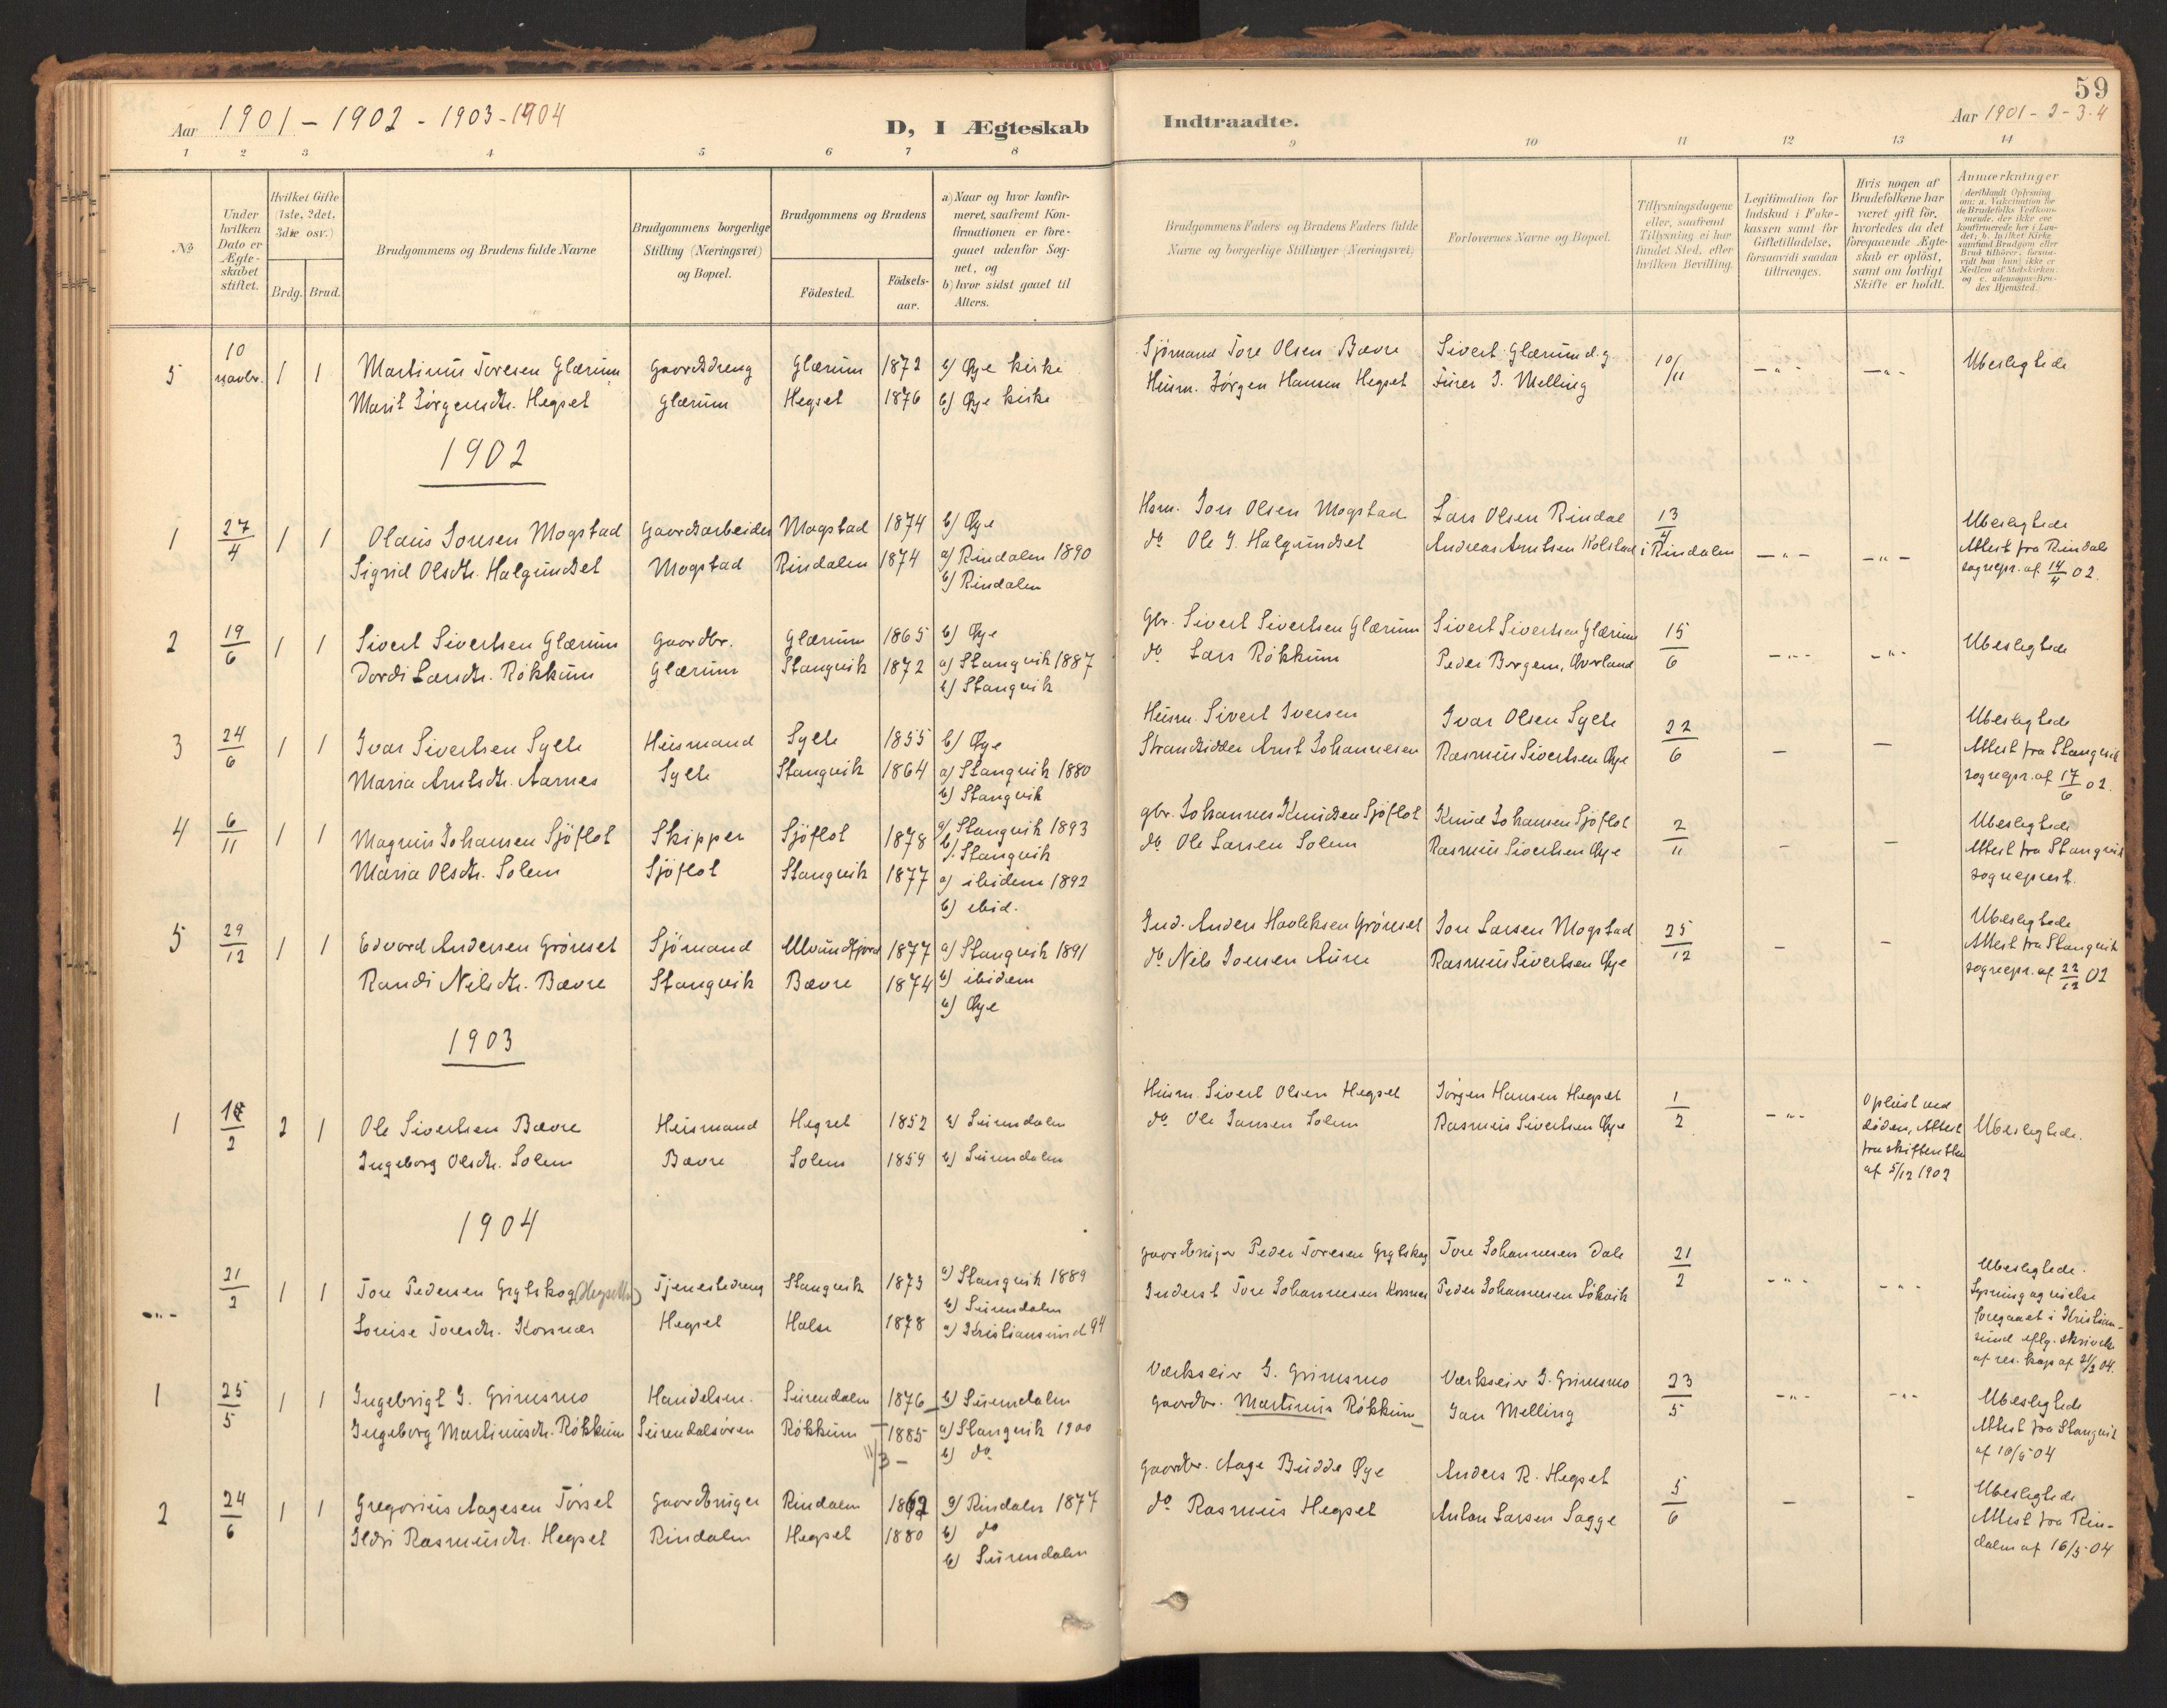 SAT, Ministerialprotokoller, klokkerbøker og fødselsregistre - Møre og Romsdal, 595/L1048: Ministerialbok nr. 595A10, 1900-1917, s. 59